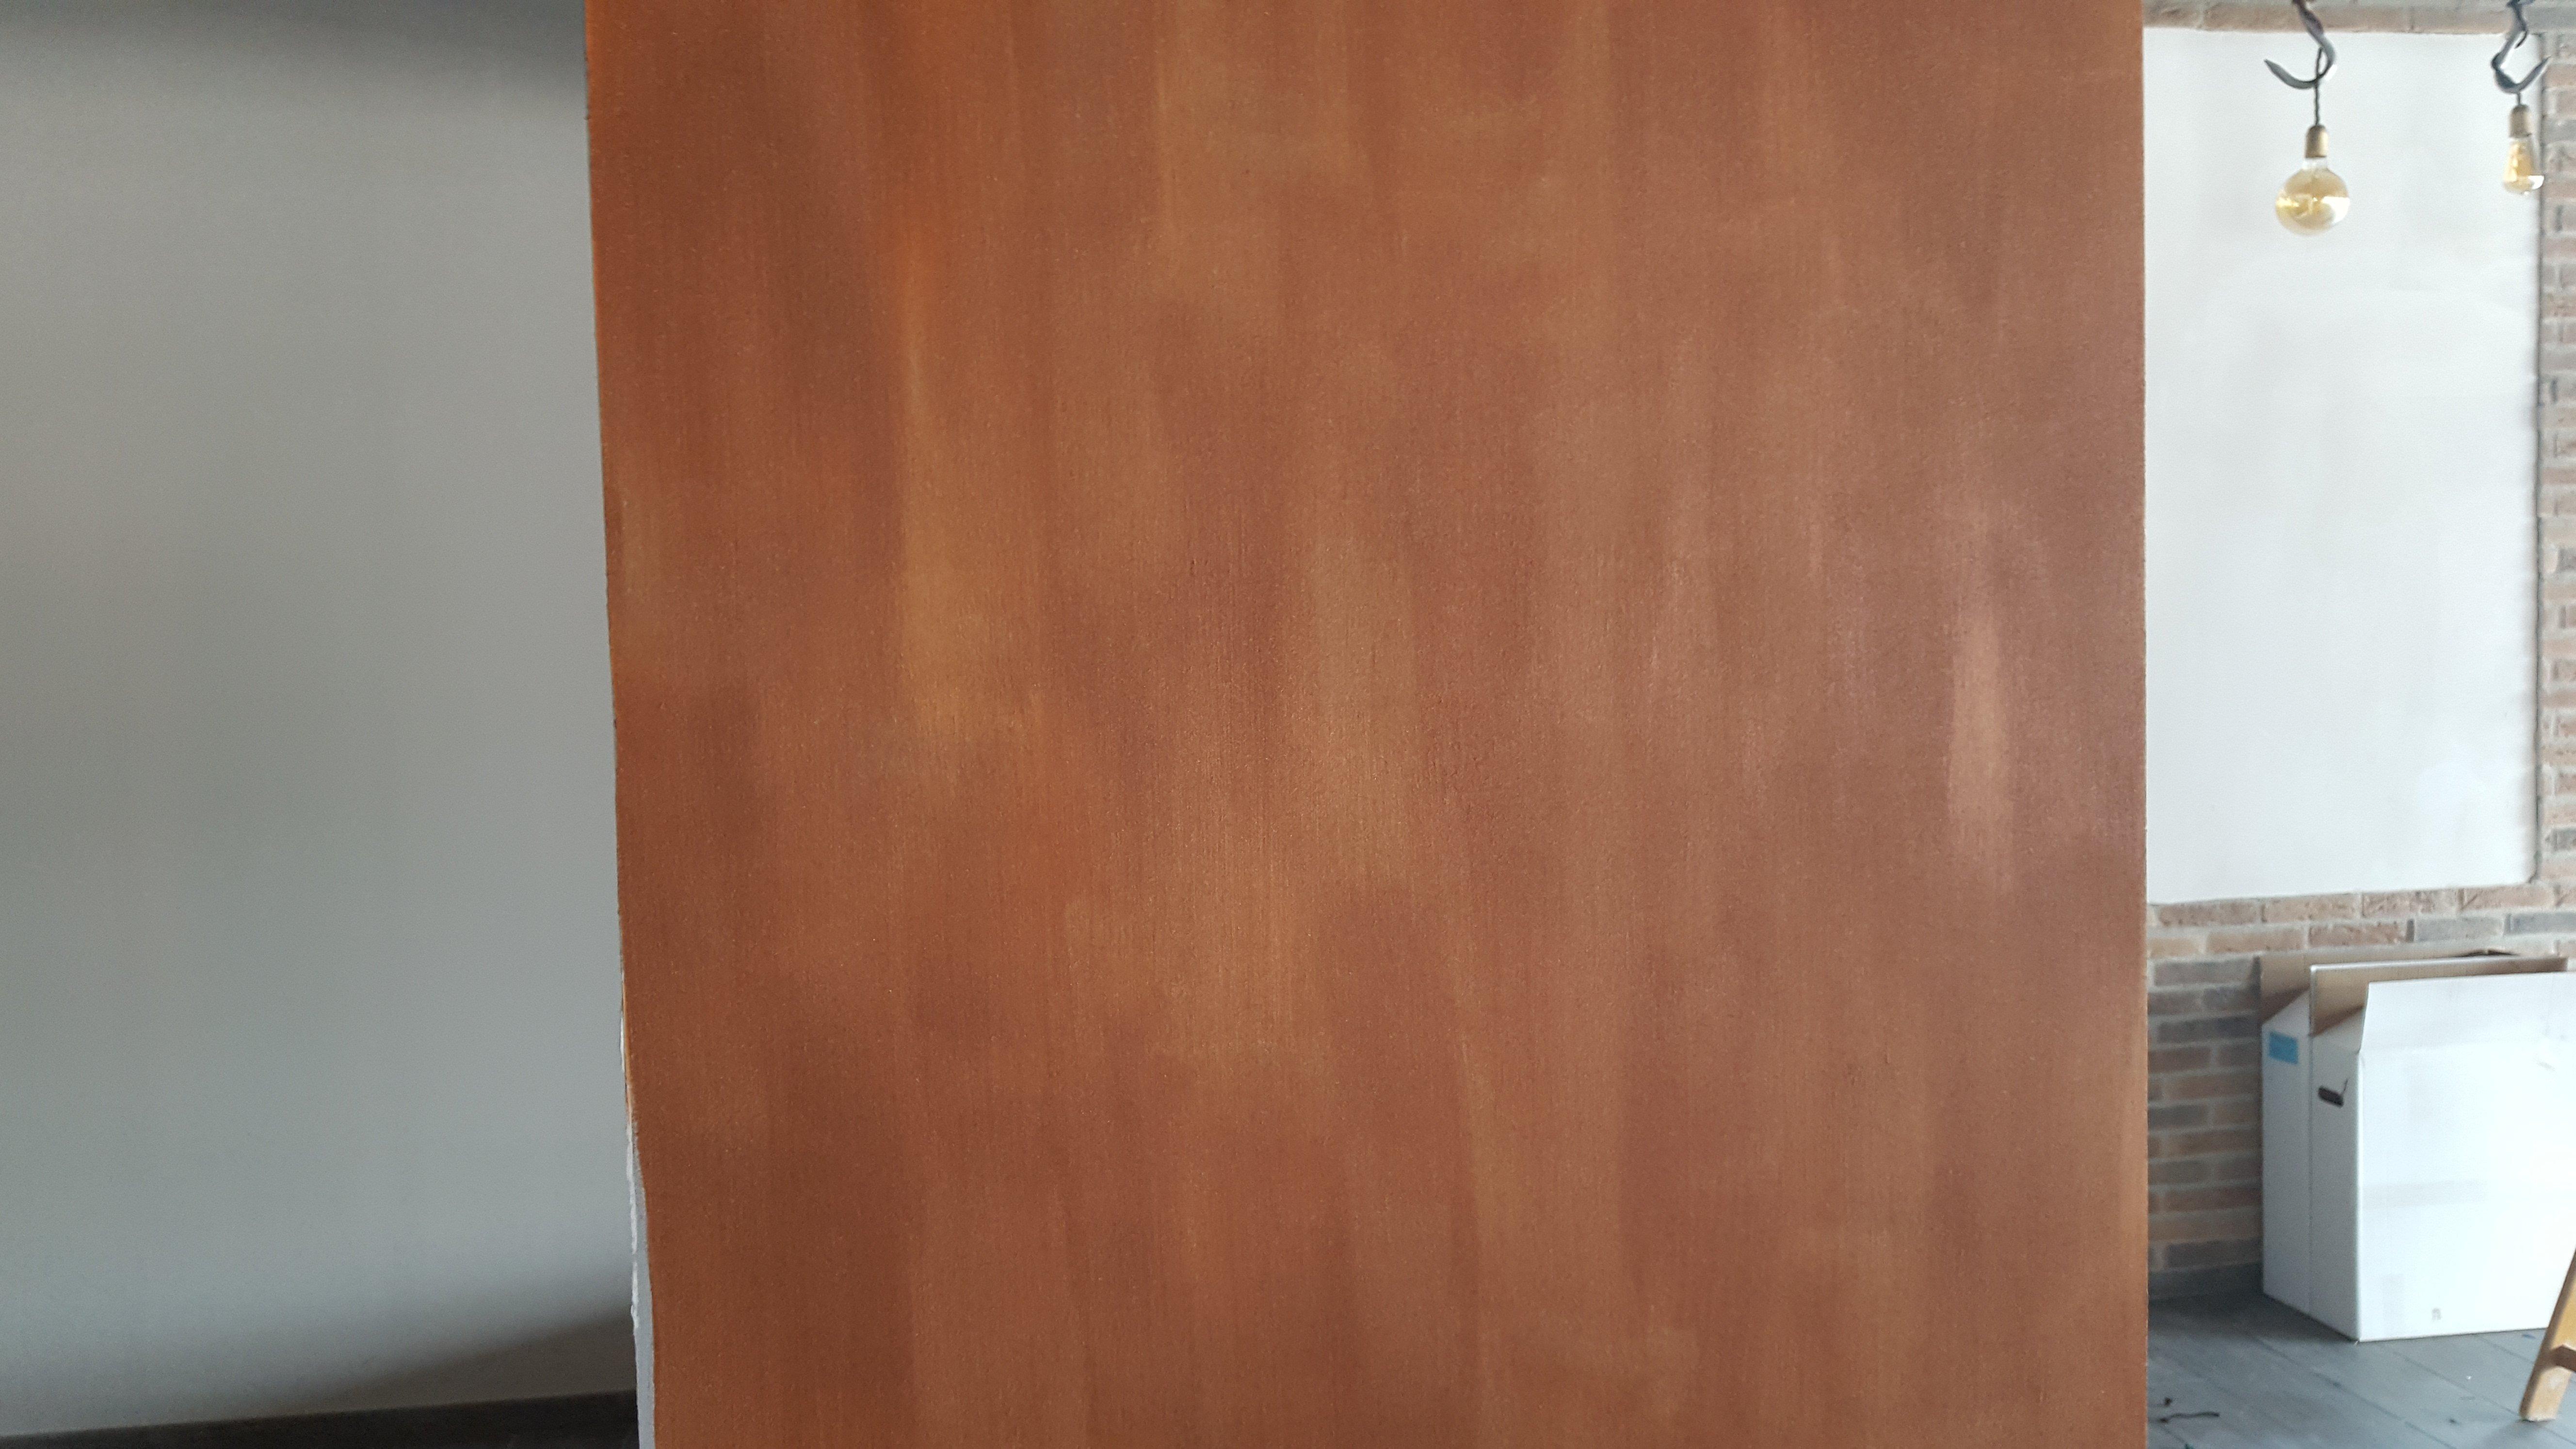 parete tinteggiata di marroncino